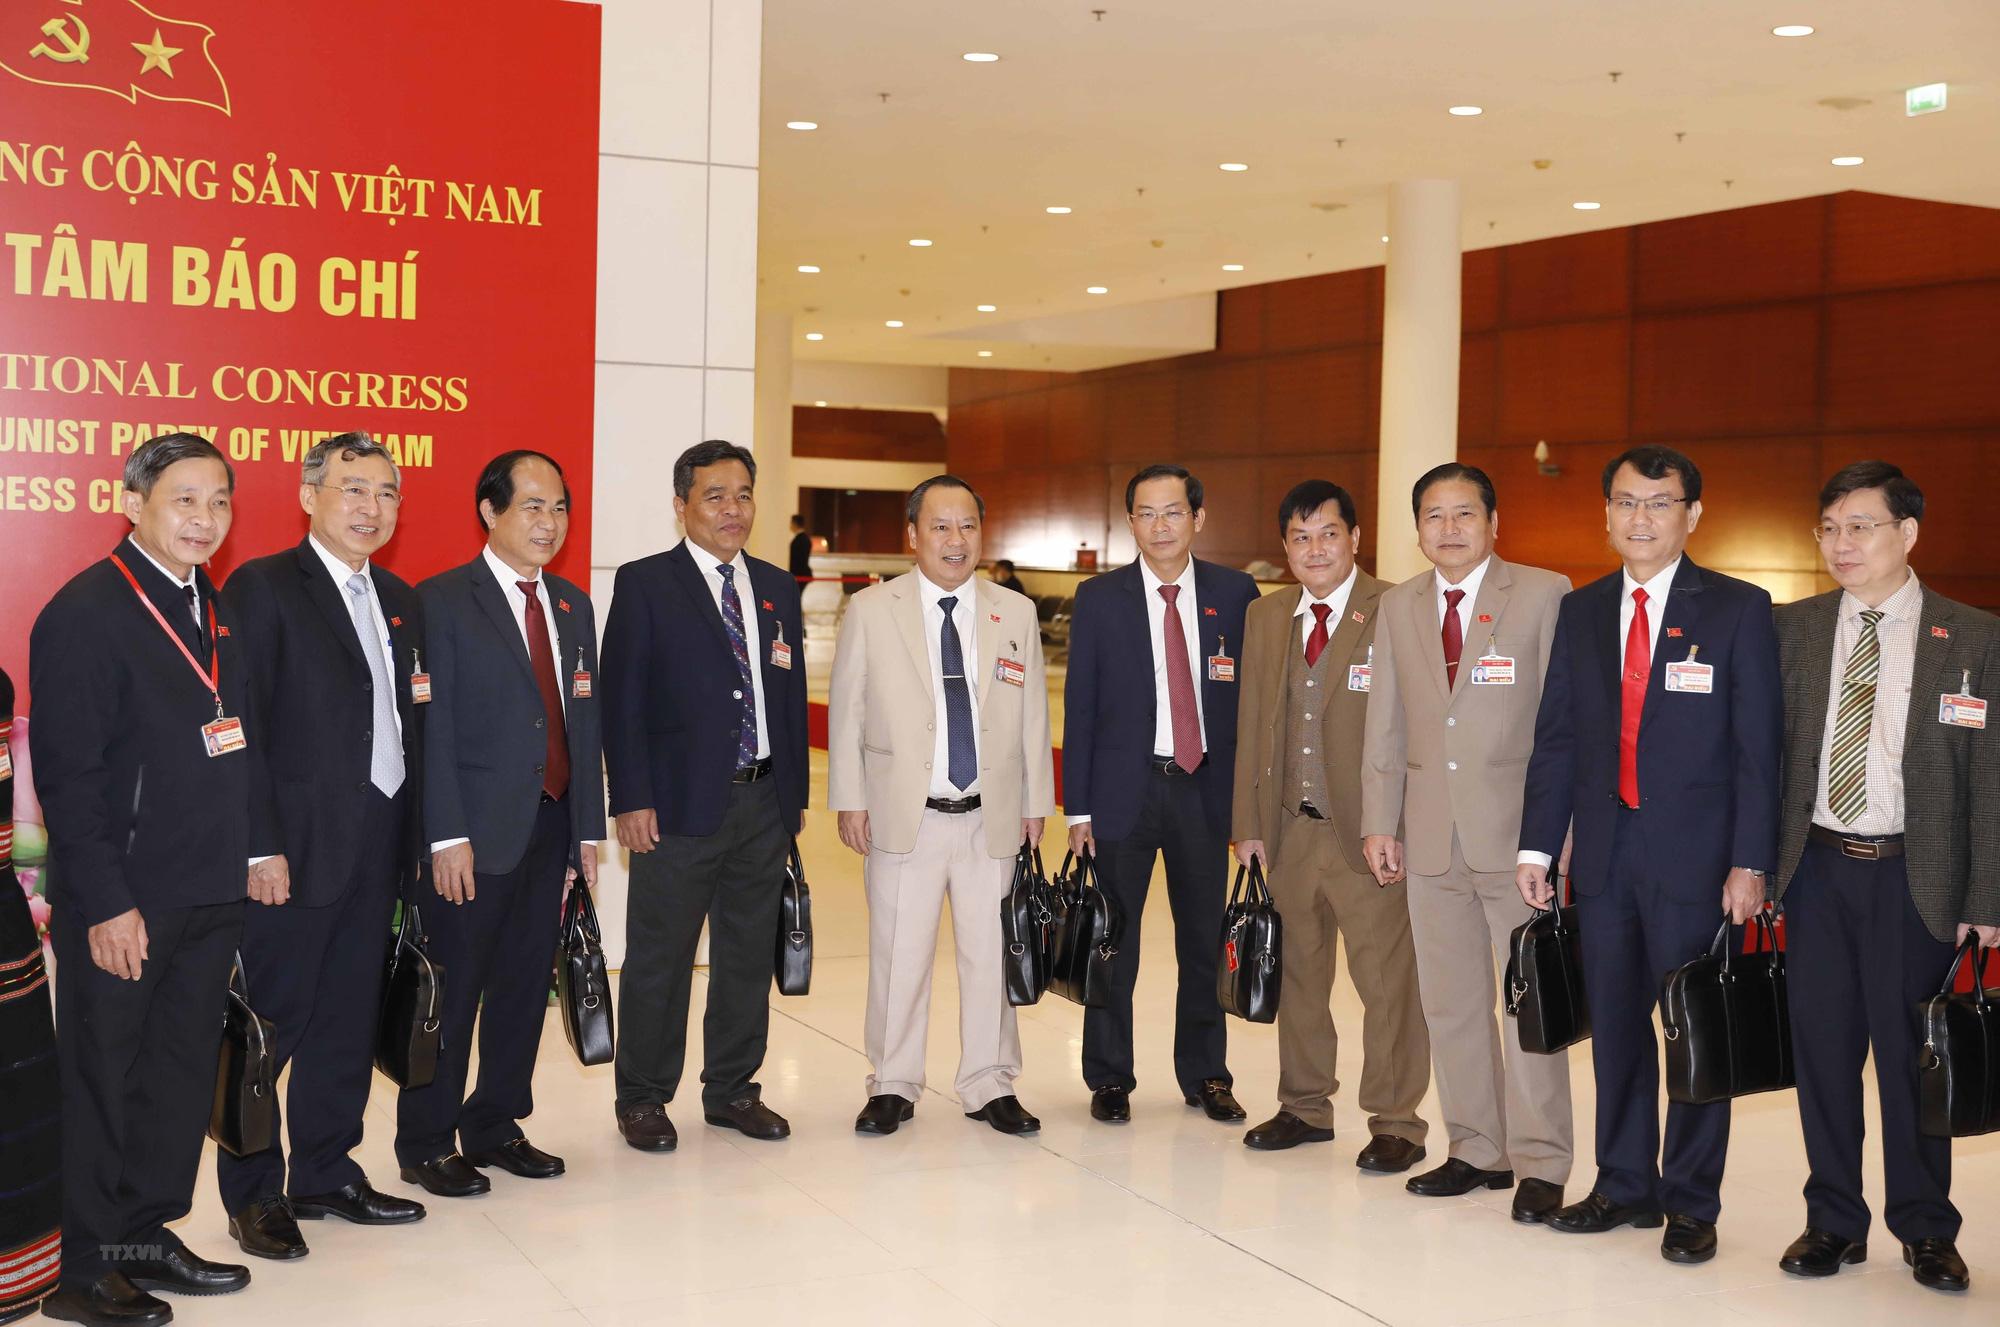 Ảnh: Ngày 29/1, Đại hội XIII tiếp tục làm việc về công tác nhân sự - Ảnh 19.